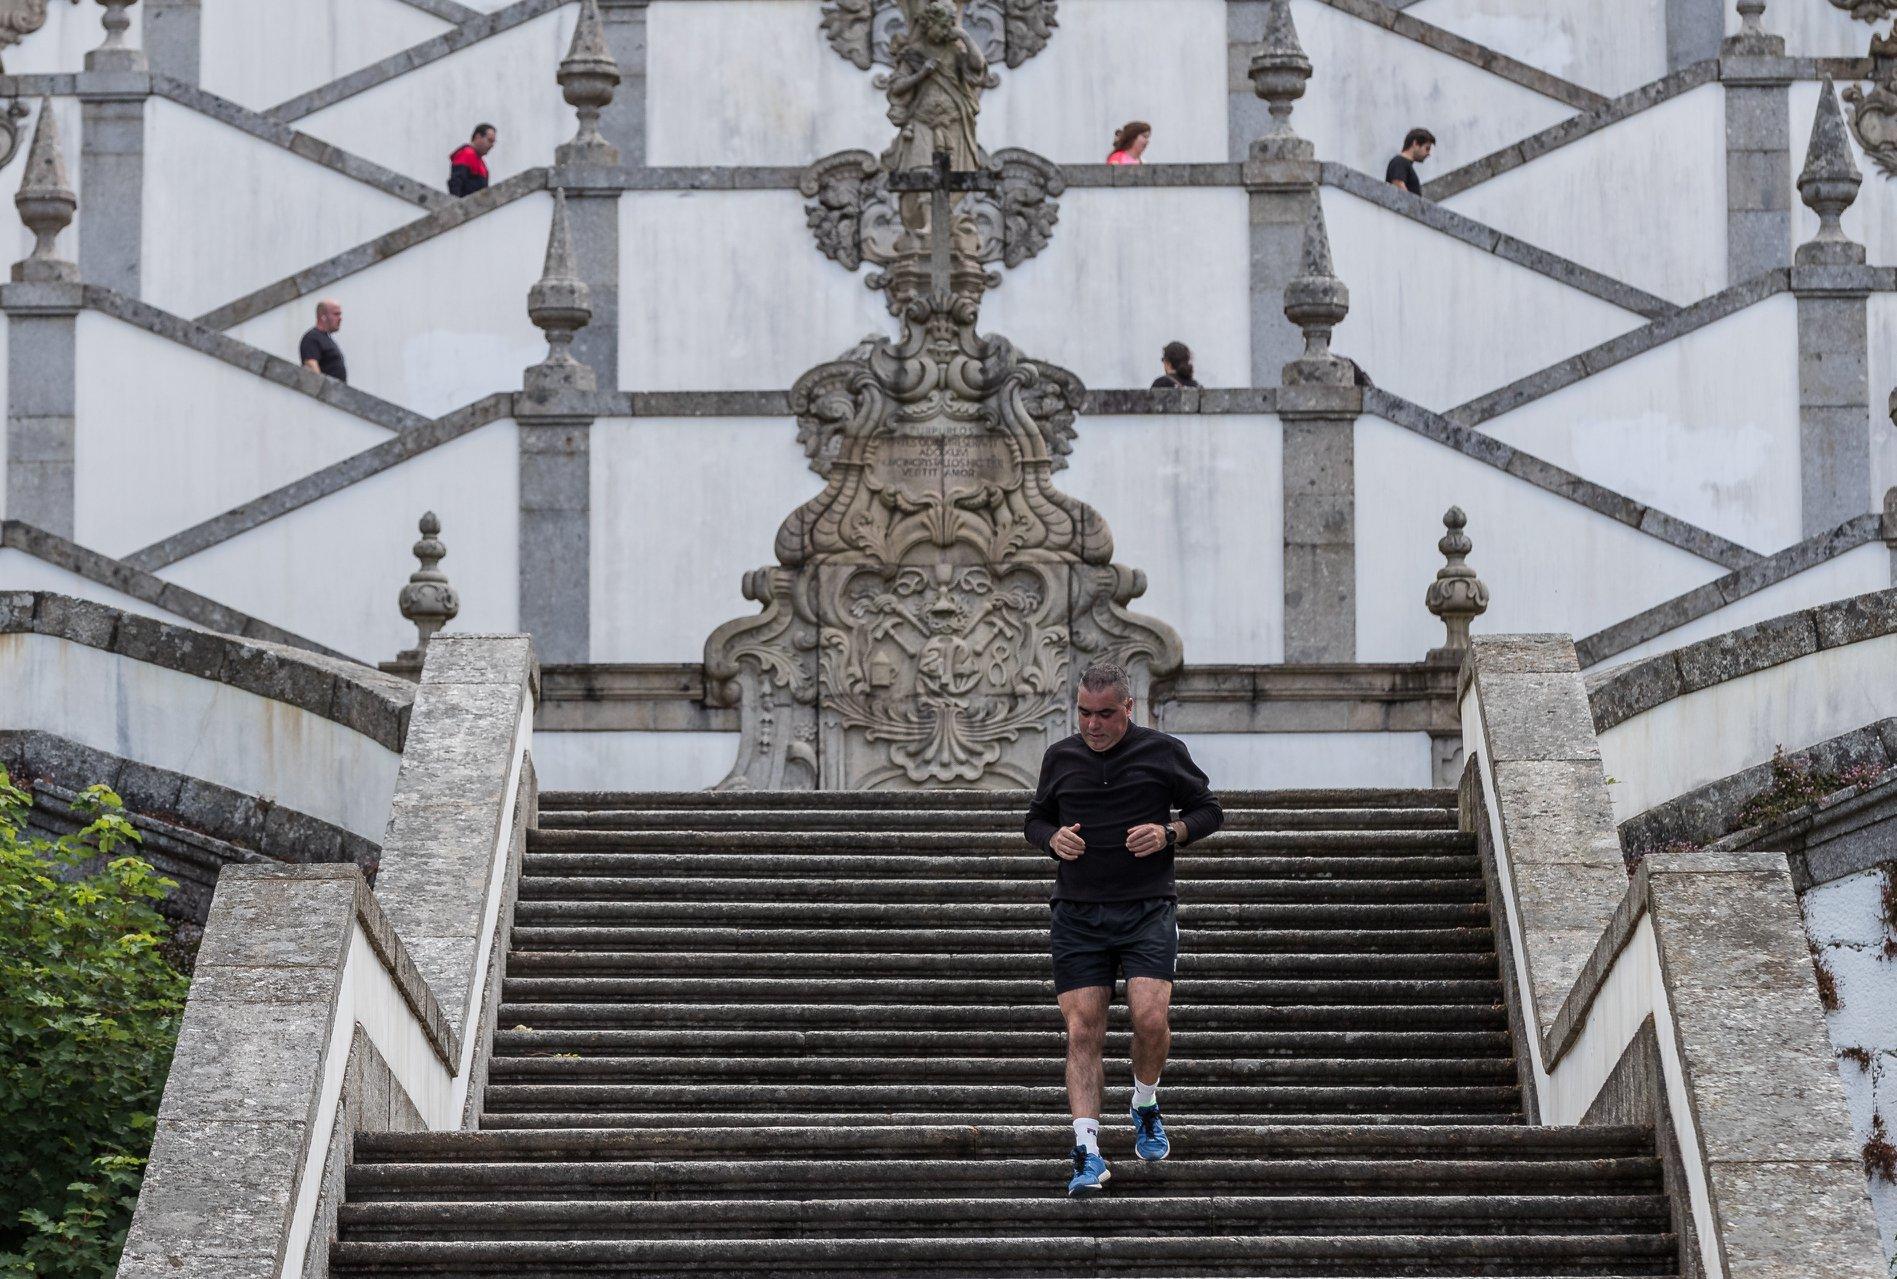 Braga promove inquérito sobre saúde e bem-estar da população